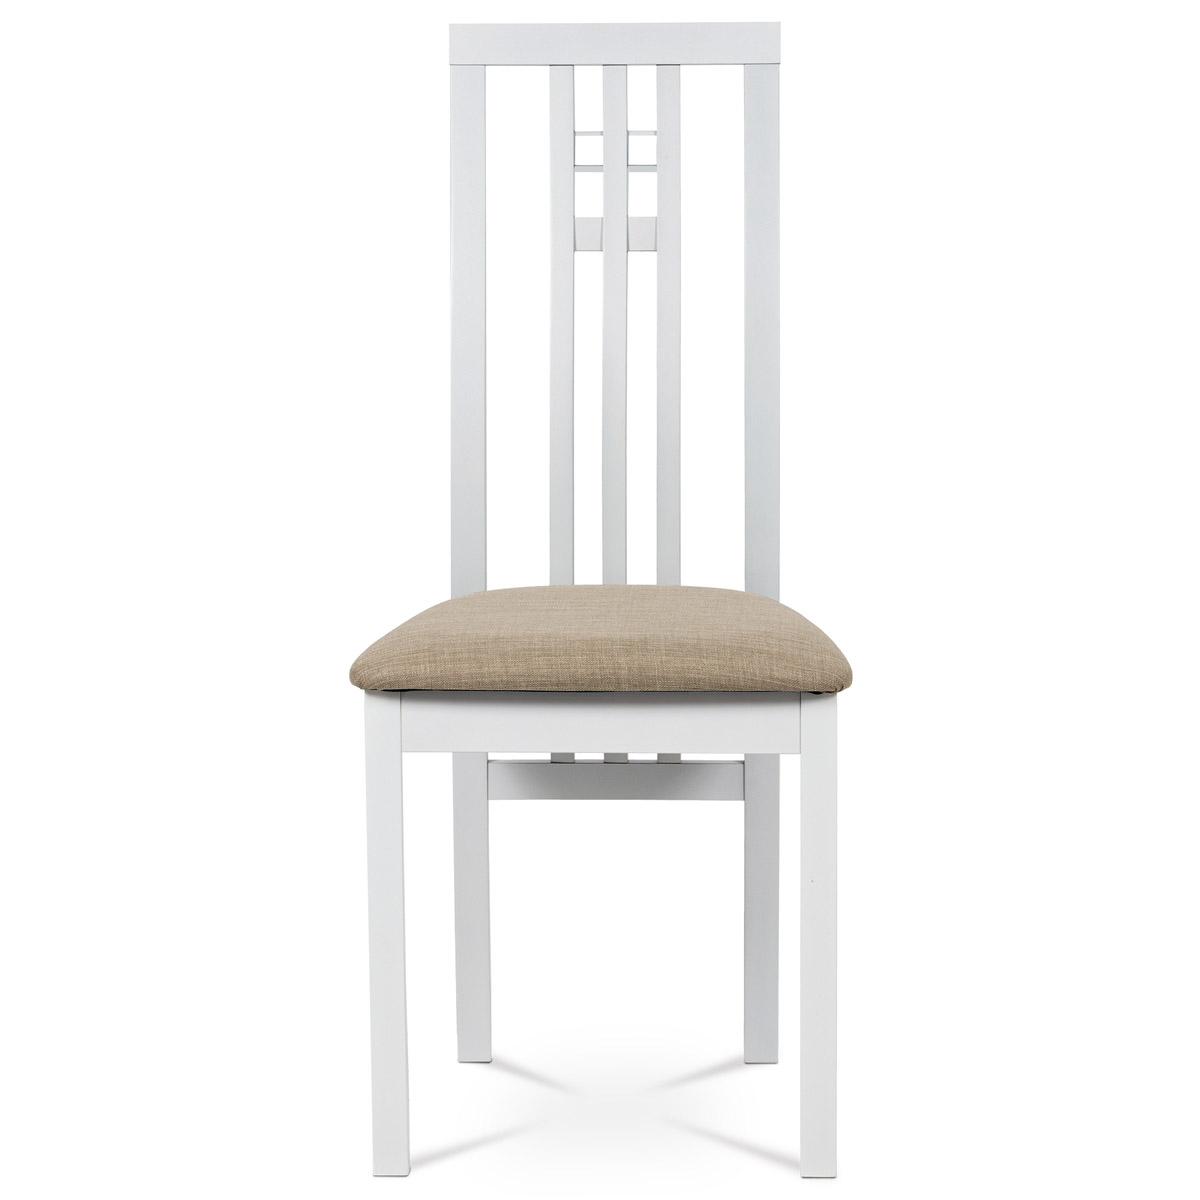 Jídelní židle, masiv buk, barva bílá, látkový béžový potah - BC-2482 WT